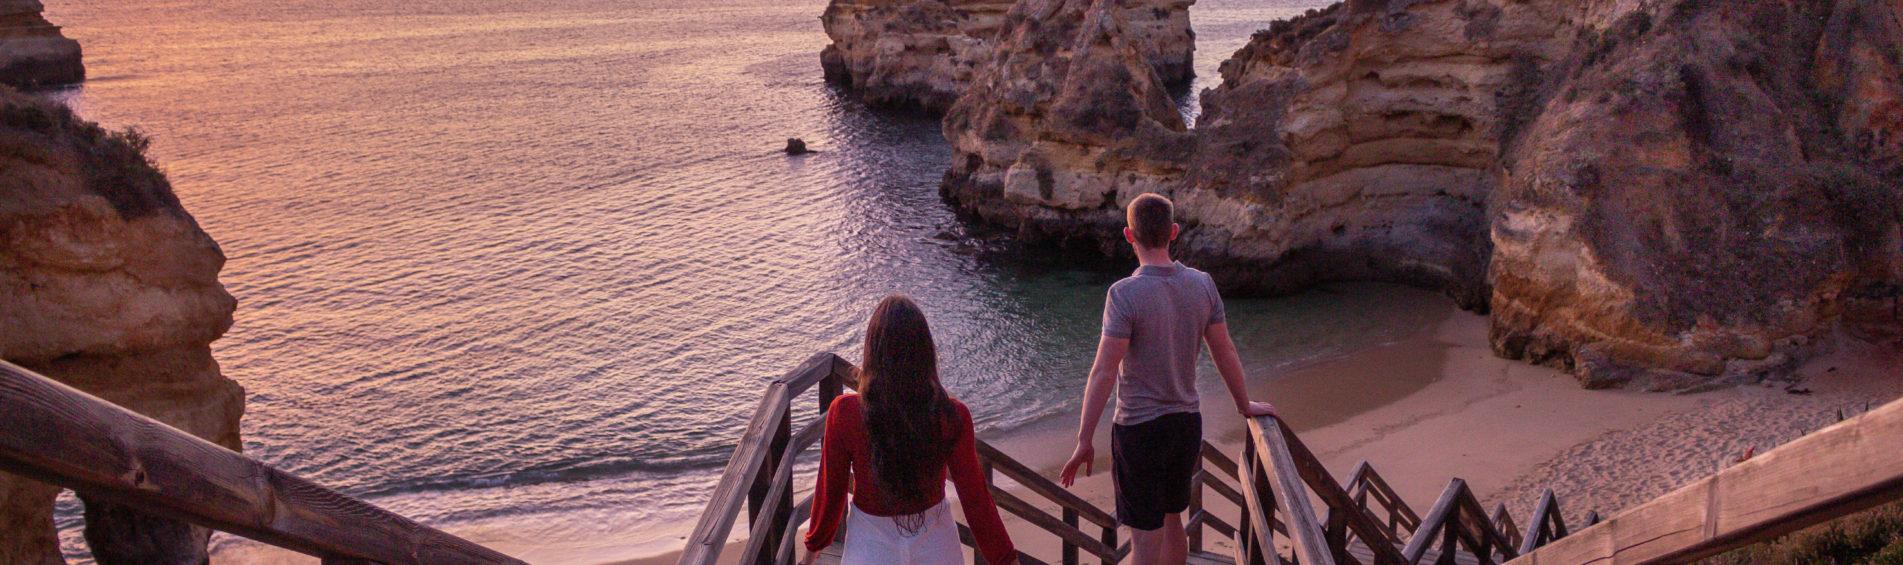 Visiter l'Algarve : 1 semaine au Sud du Portugal